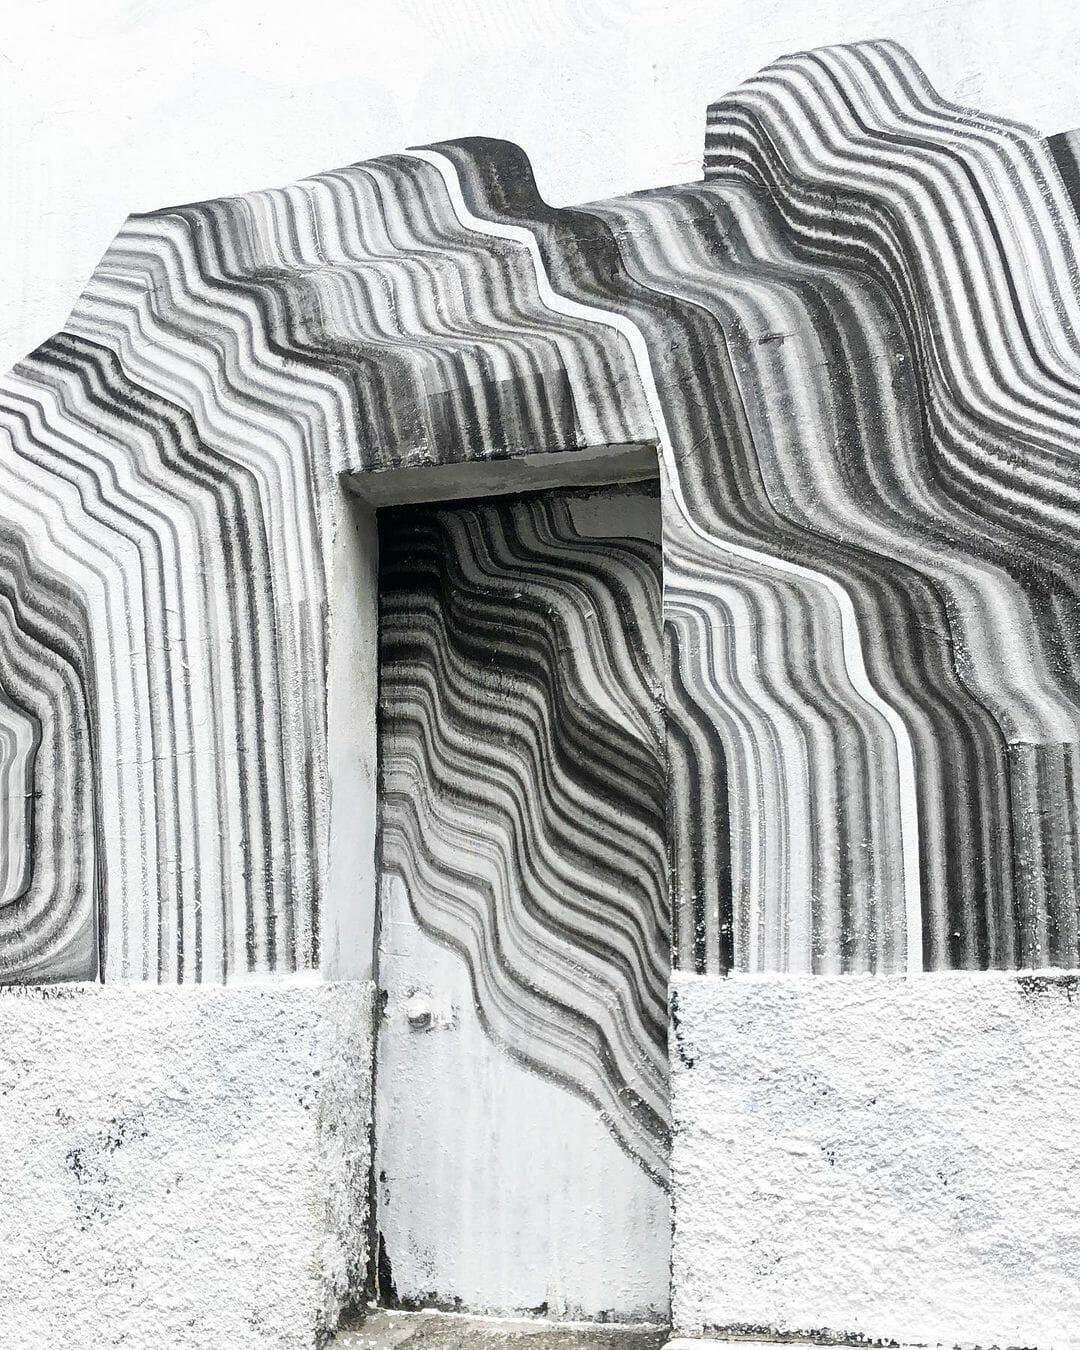 Une porte sublimée par les traits de l'artiste 2501